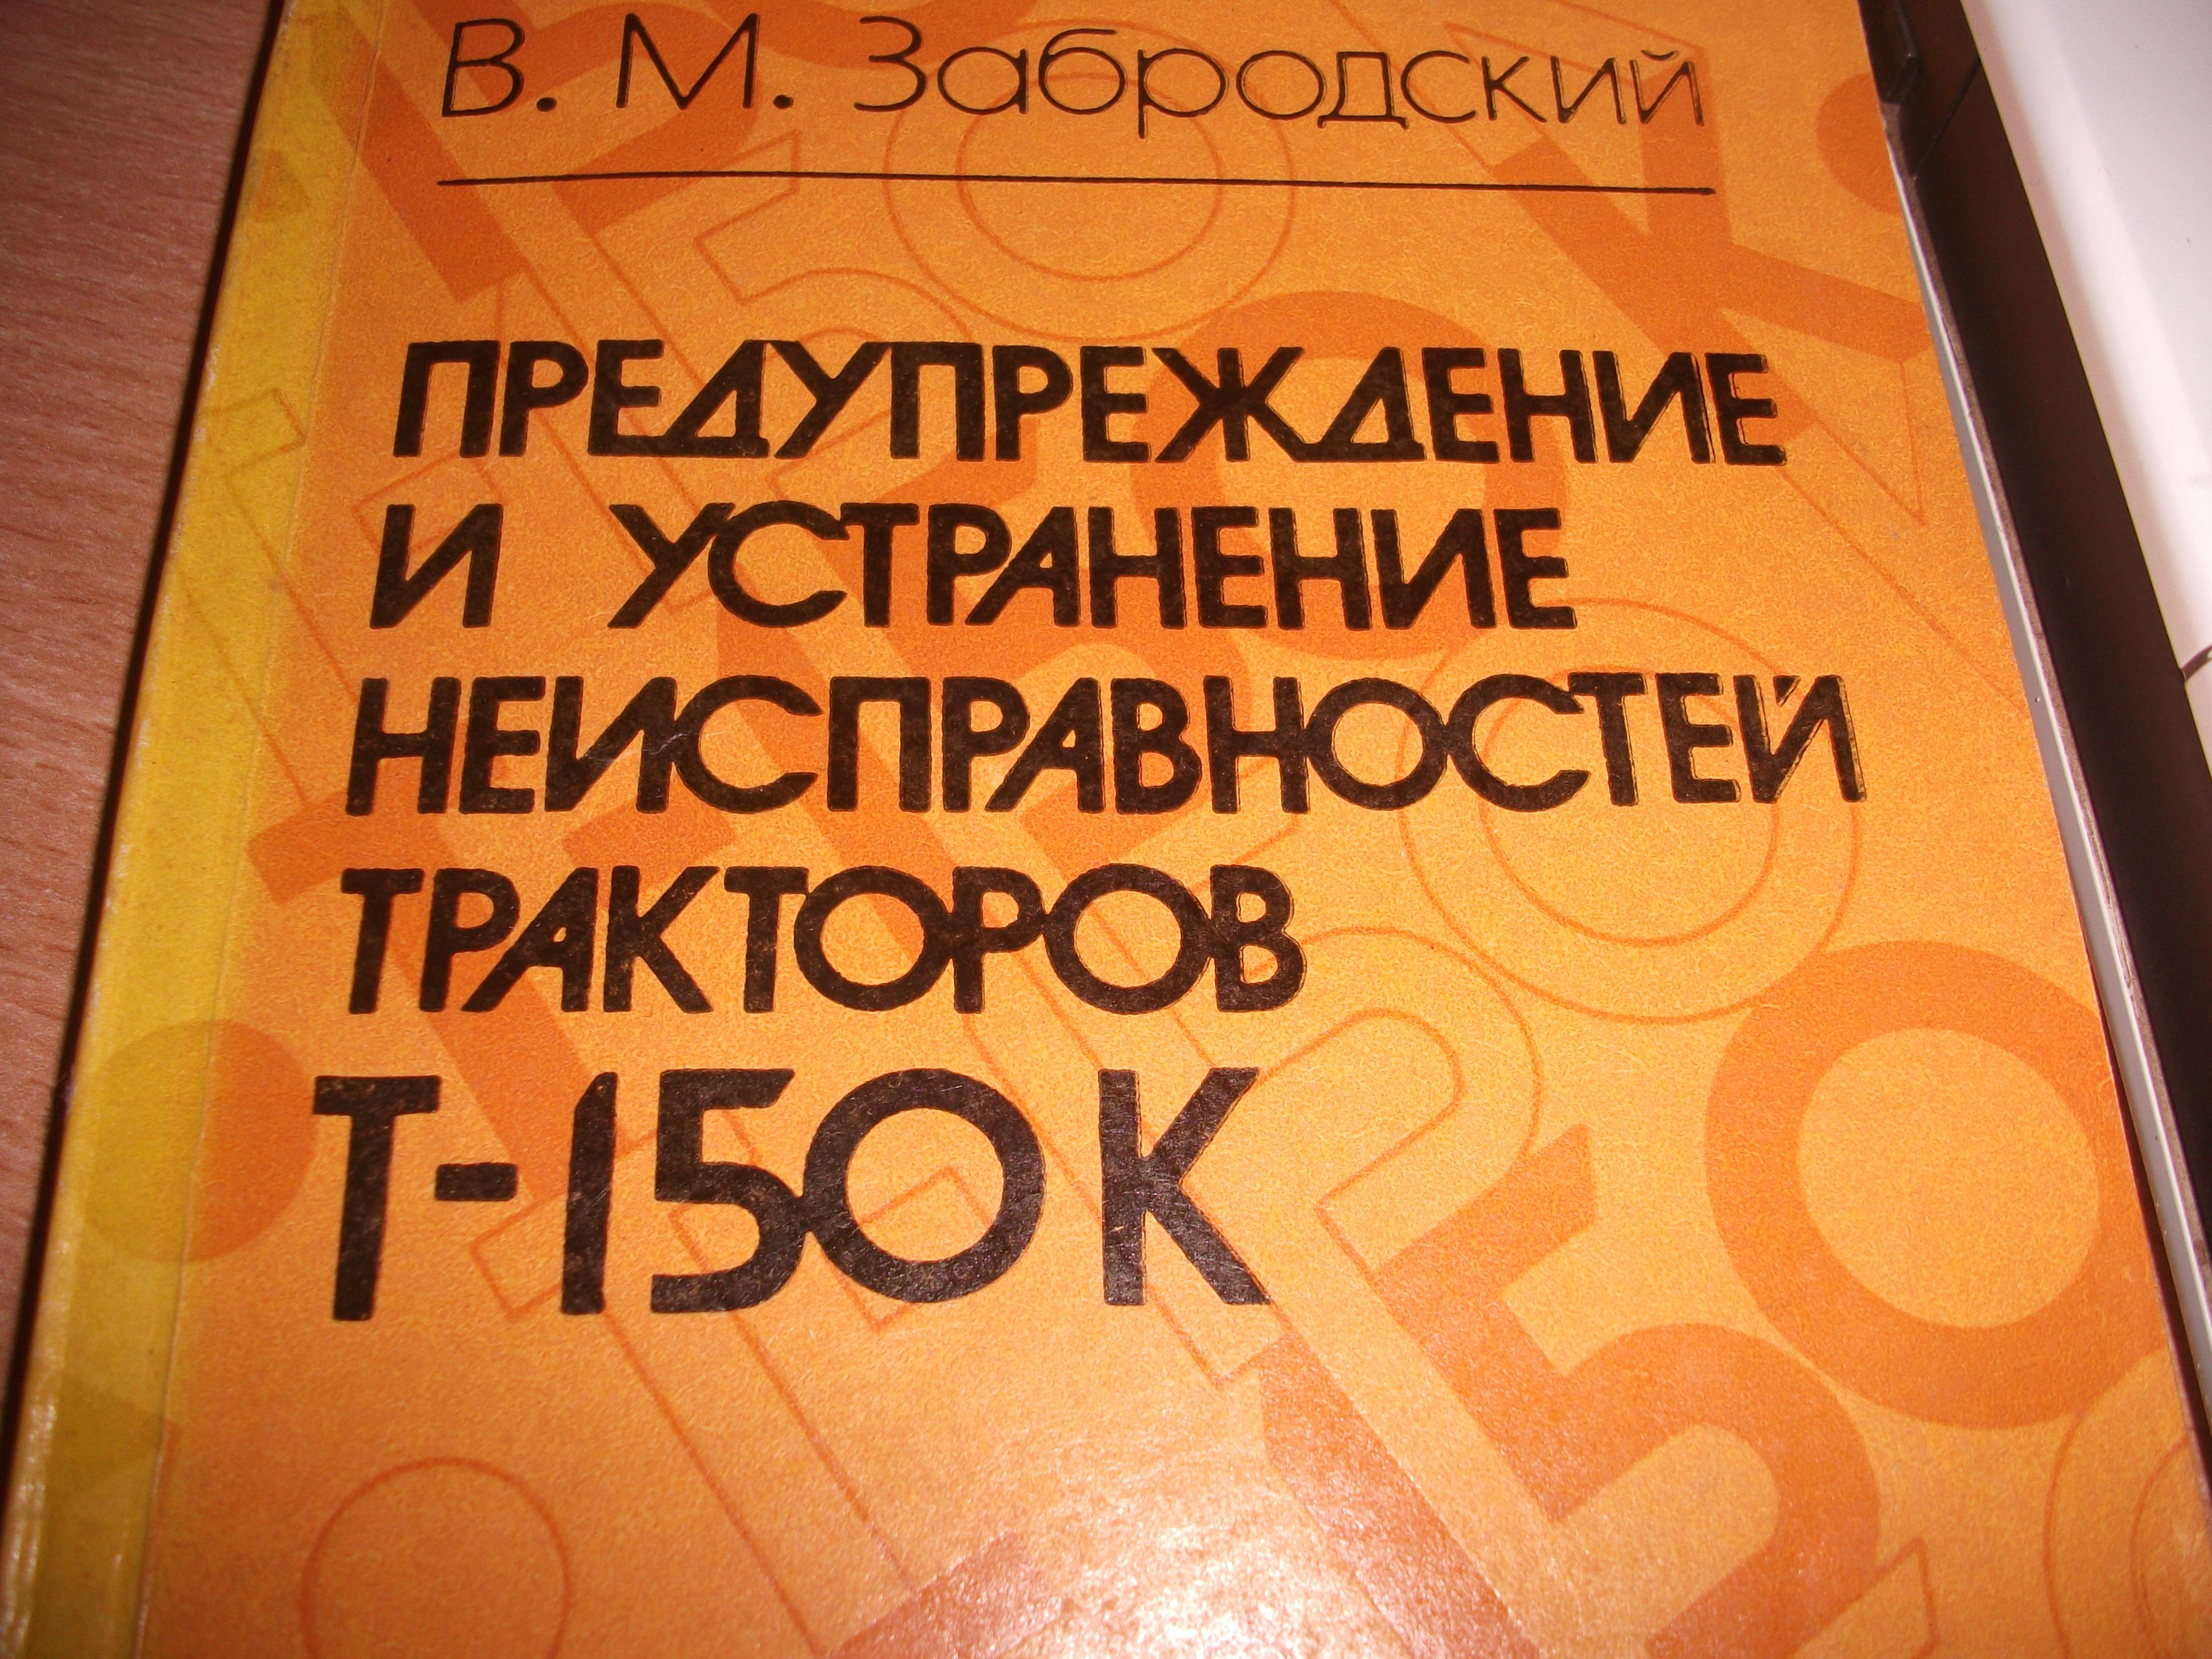 dscf5508.jpg